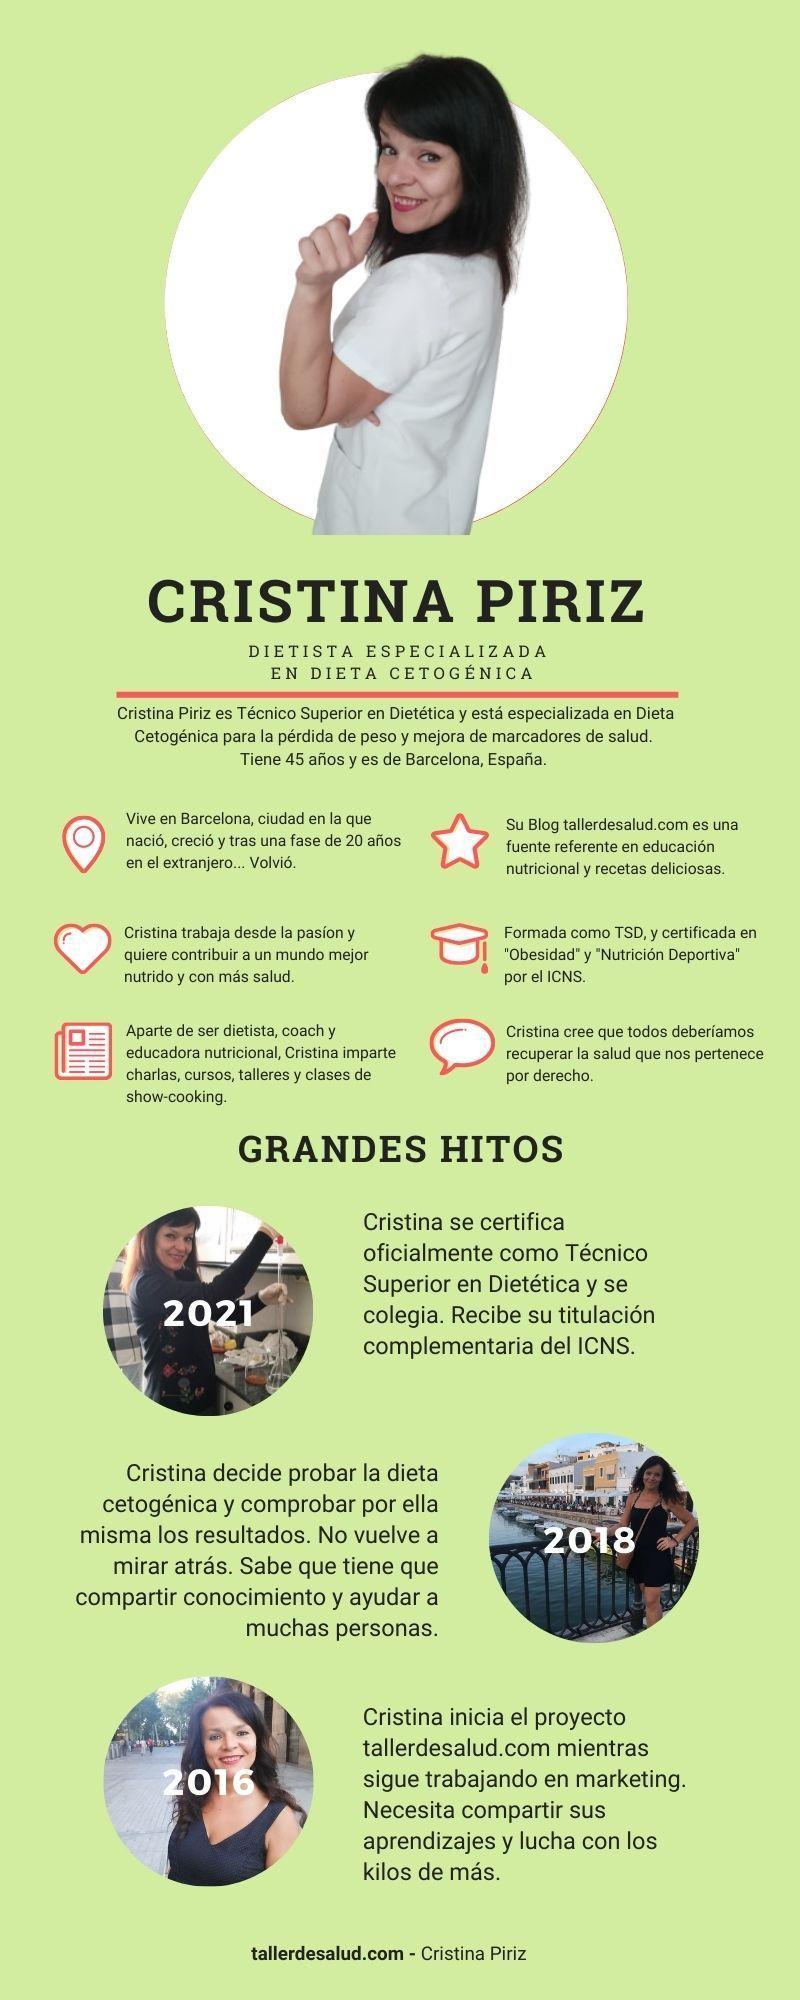 Cristina Piriz Dietista Certificada Dieta Cetogenica Keto Online Consulta Barcelona Planes Nutricionales Mneus Recetas Programas Perdida de Peso